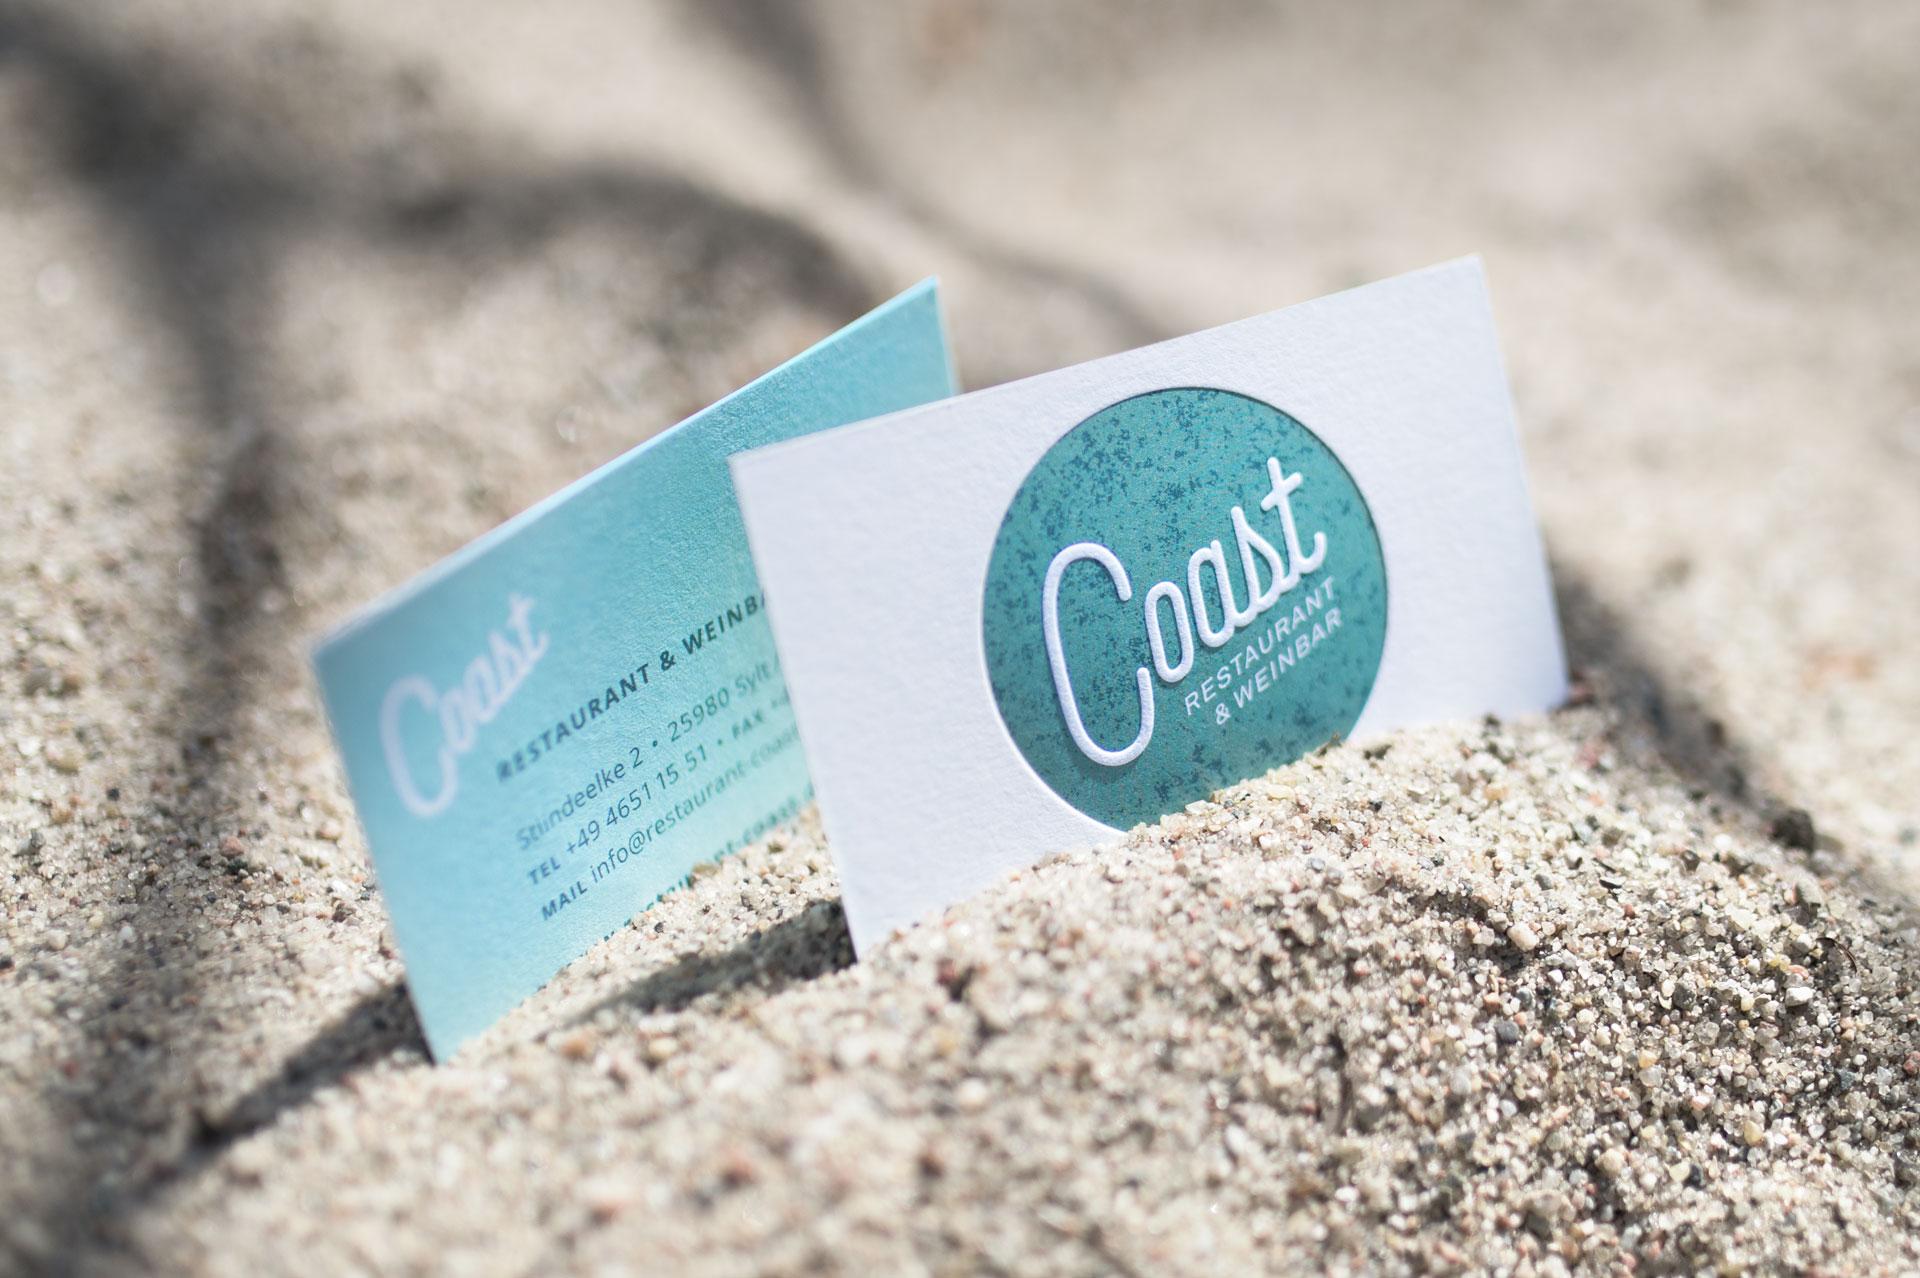 Visitenkarten des Restaurant Coast im Sand